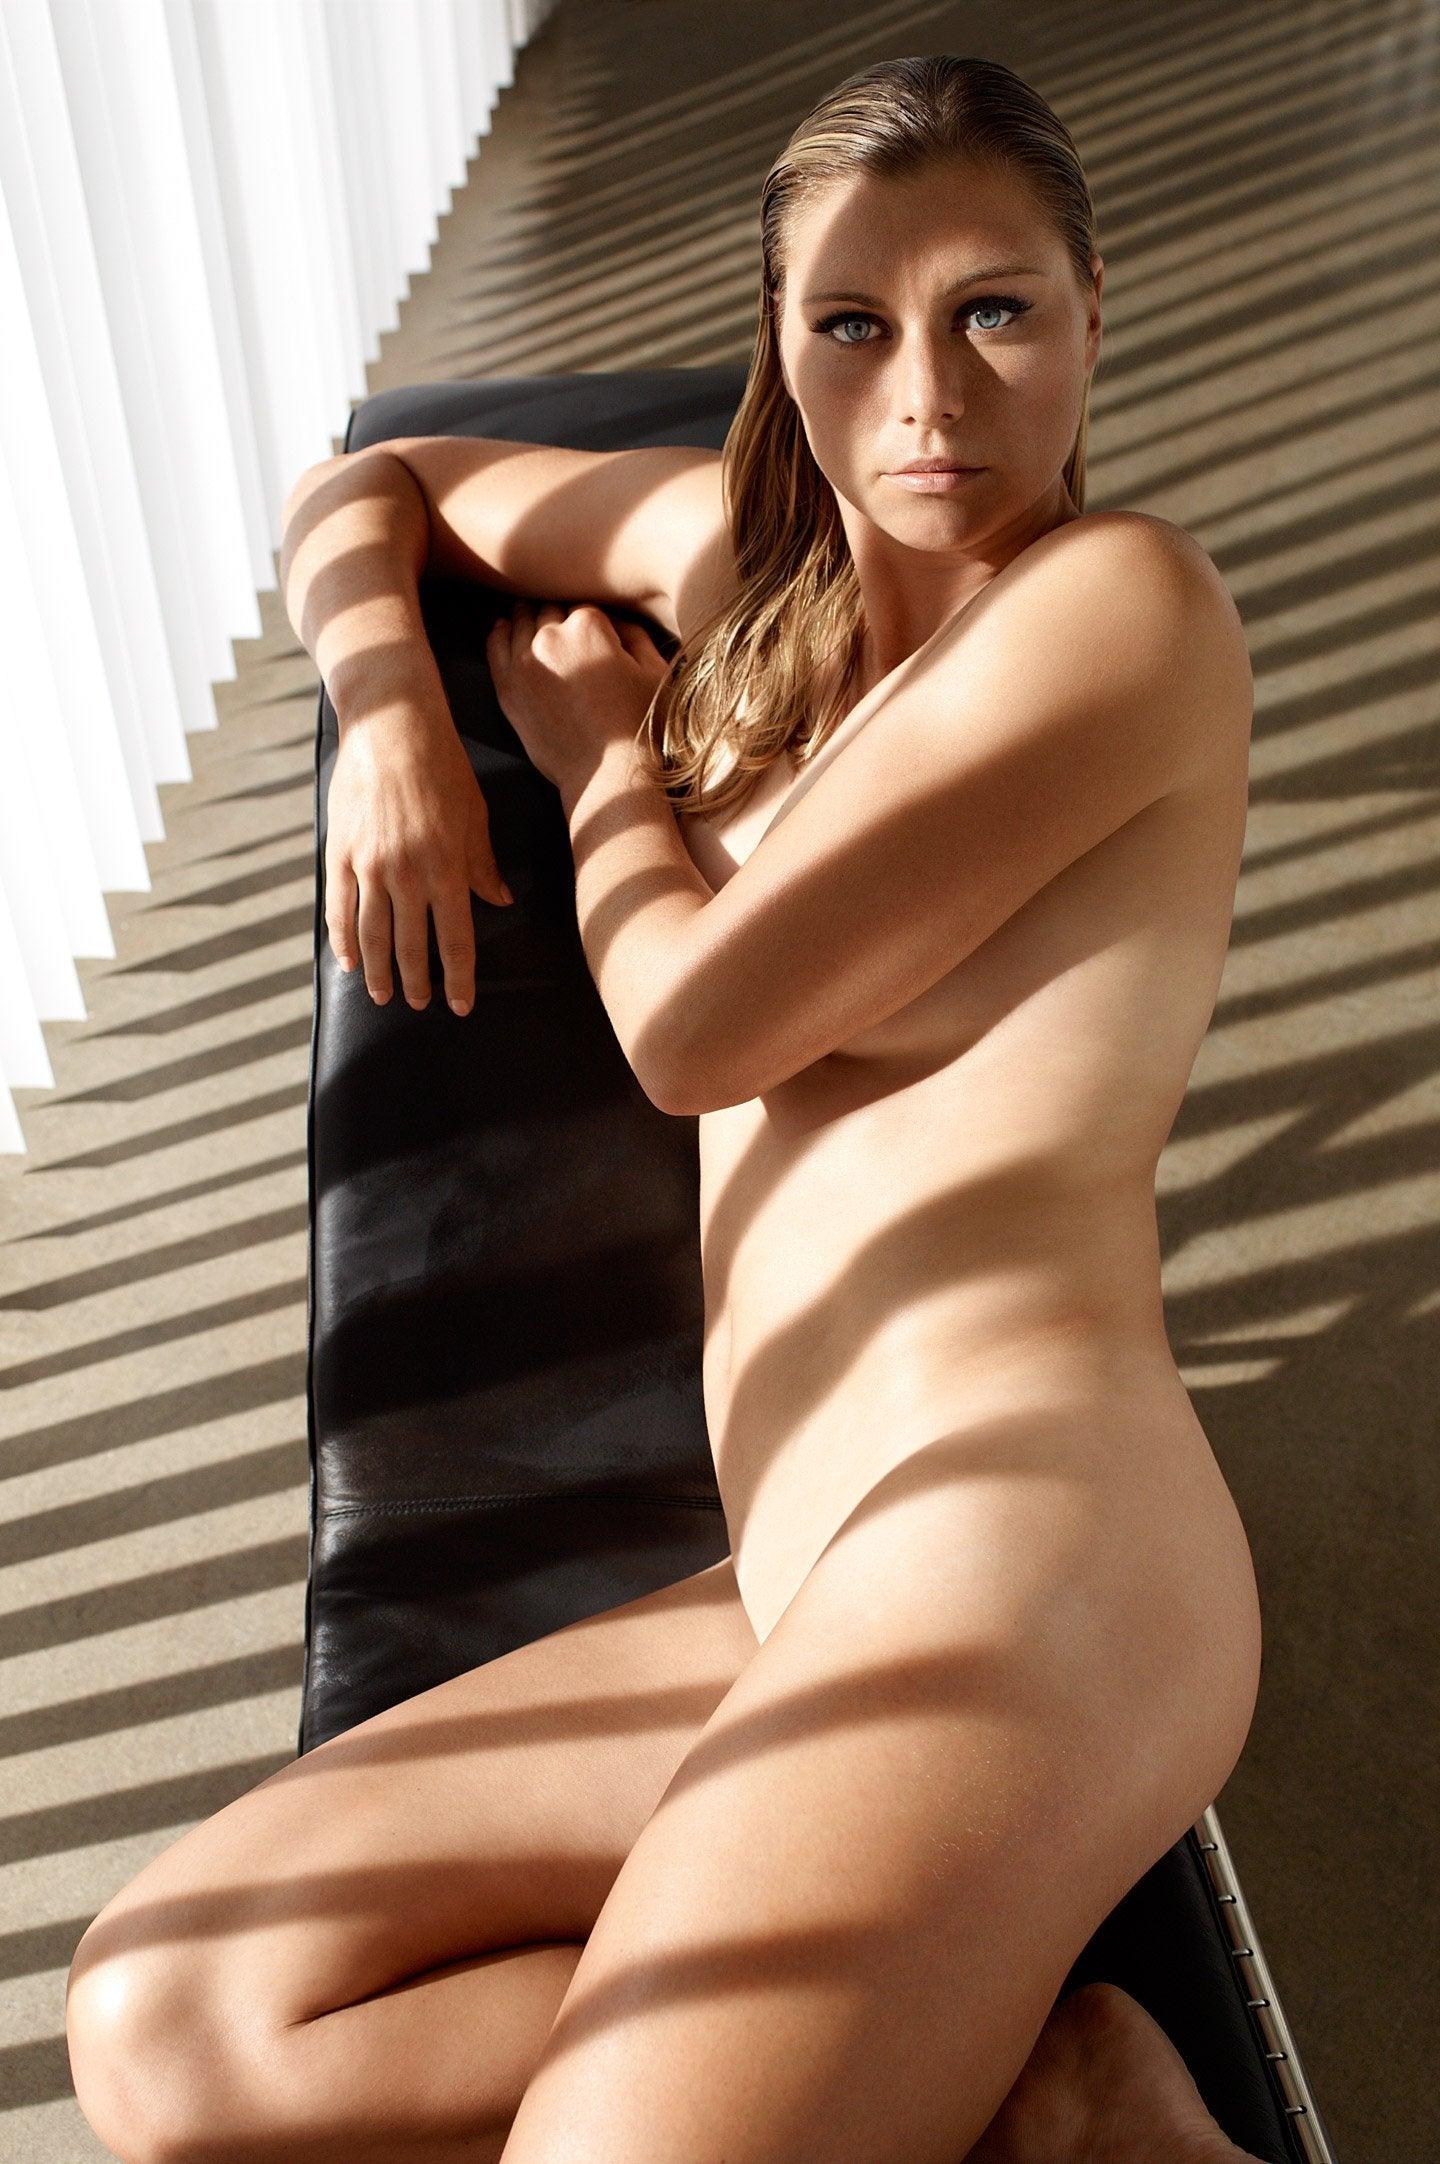 Самые известные голые девушки 7 фотография